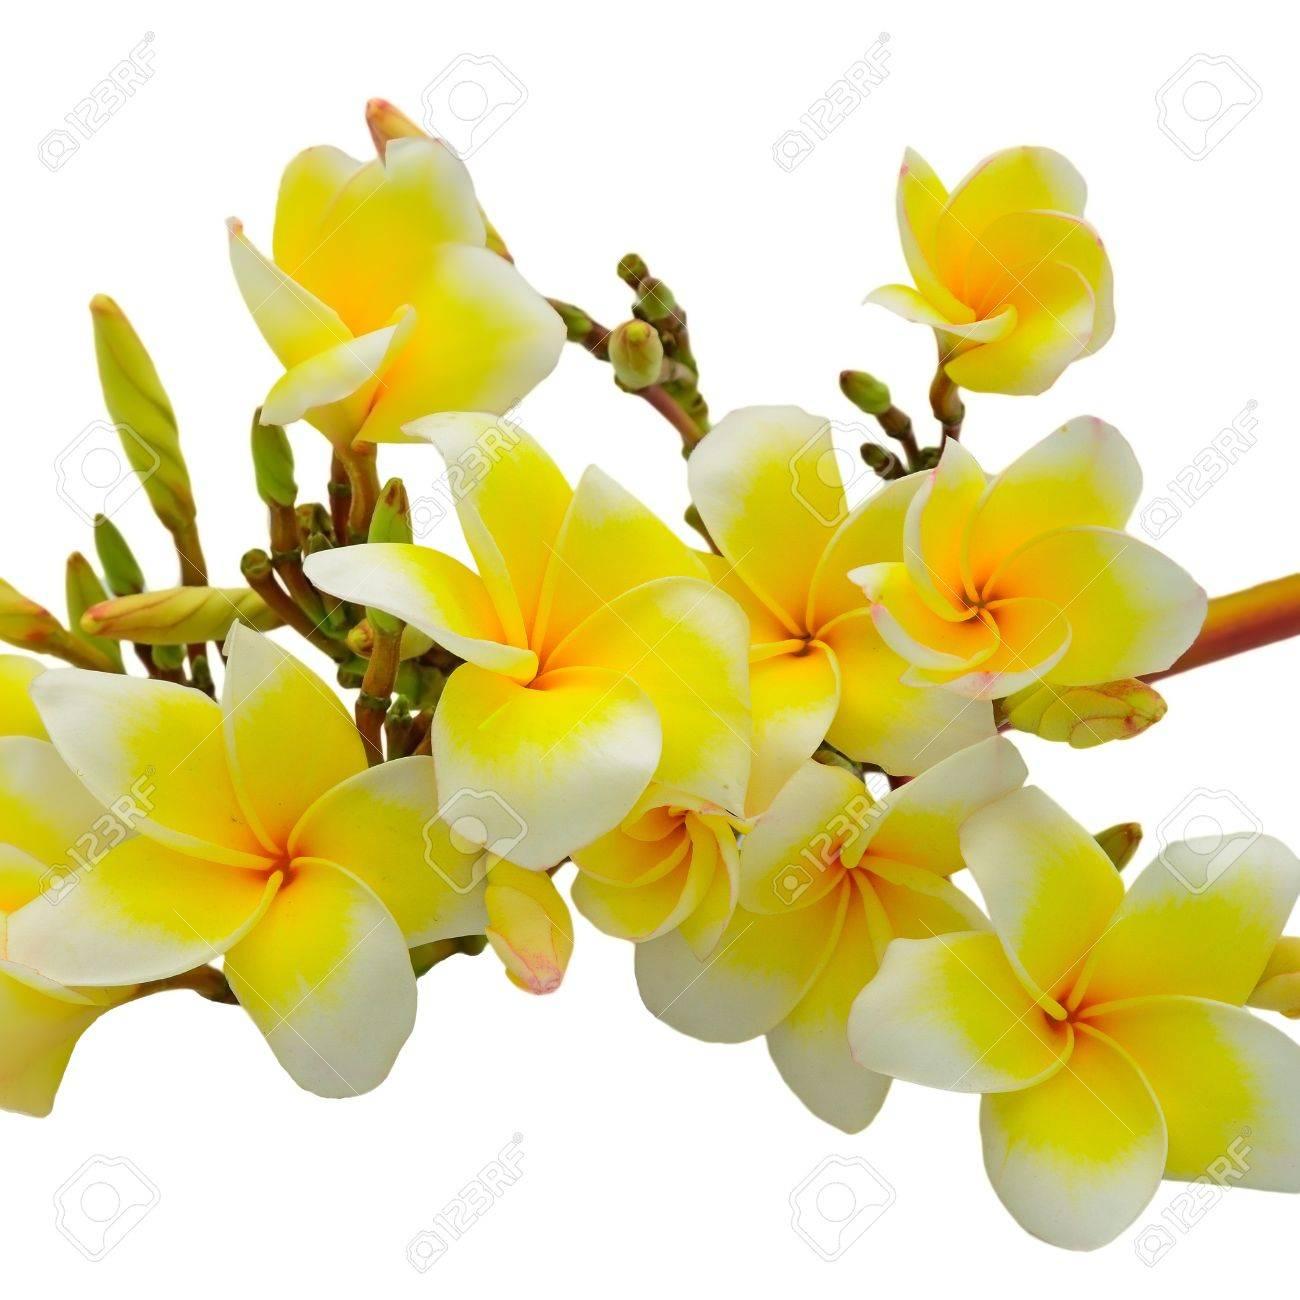 Belle Fleur Blanche Et Jaune De Plumeria Fleur Tropicale Isole Sur